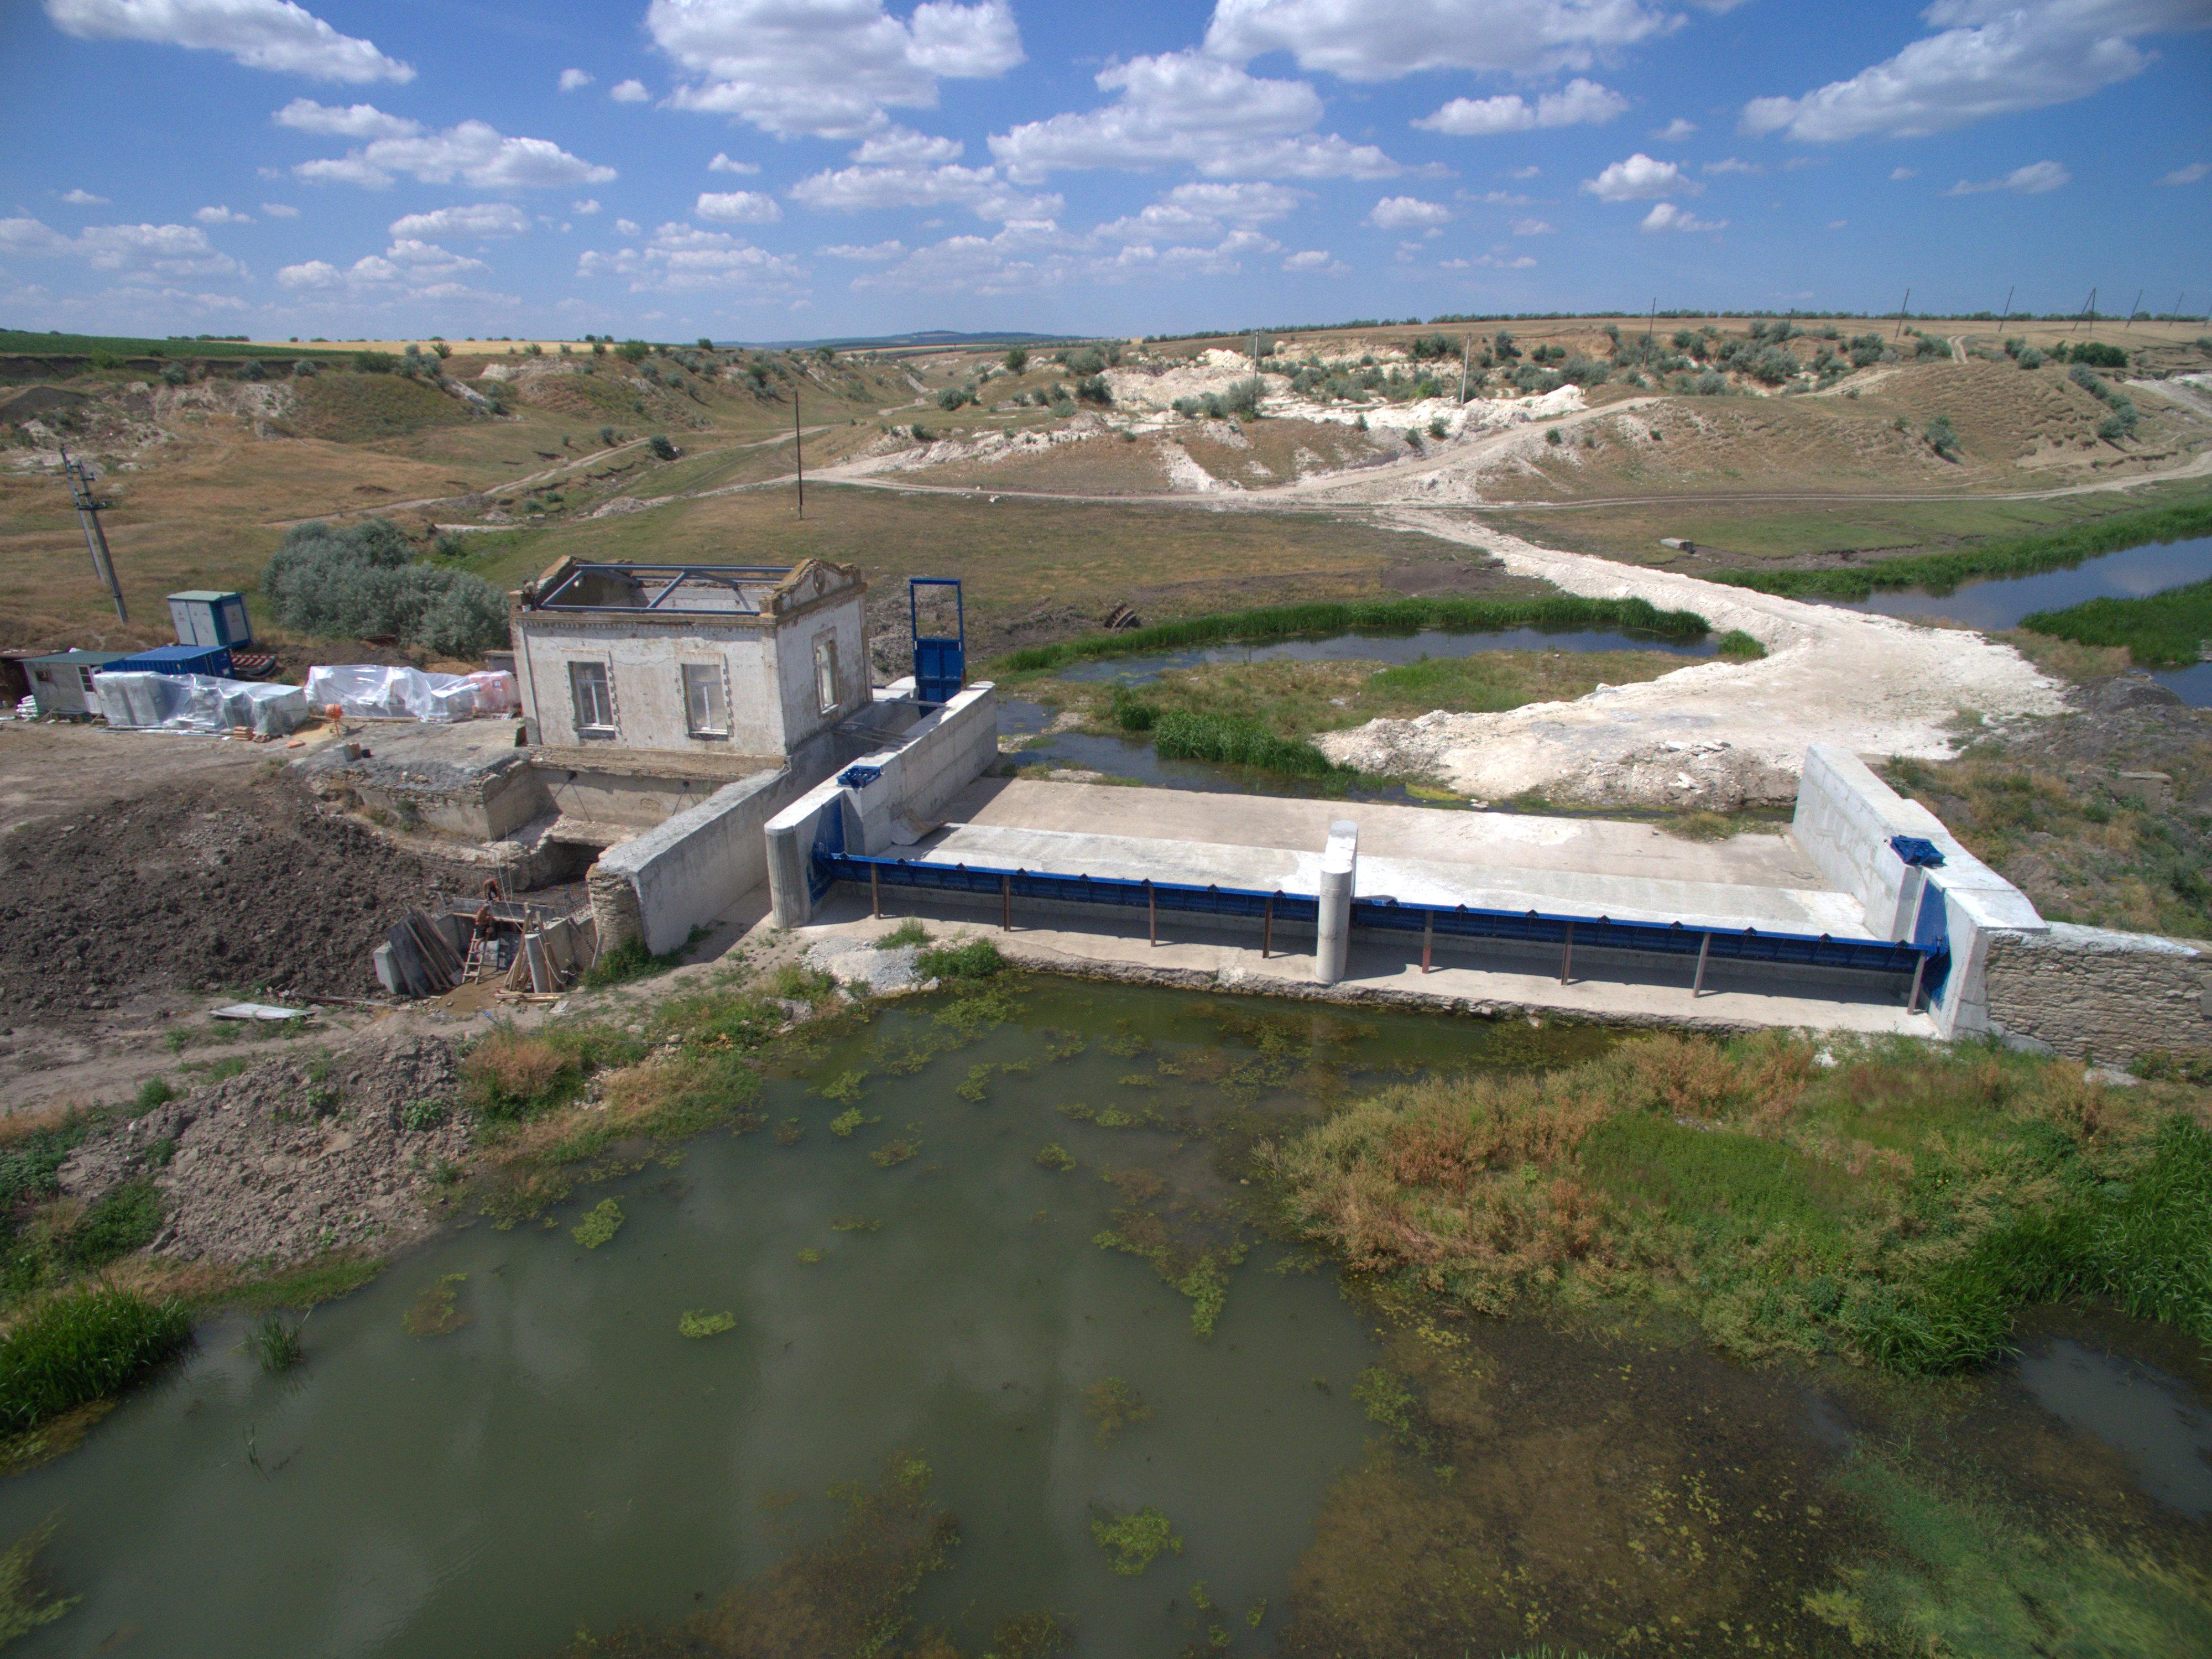 """Răutul """"strangulat"""" de o imensă construcție, care-l lasă fără apă. Imagine: Vladimir Petrusevici"""